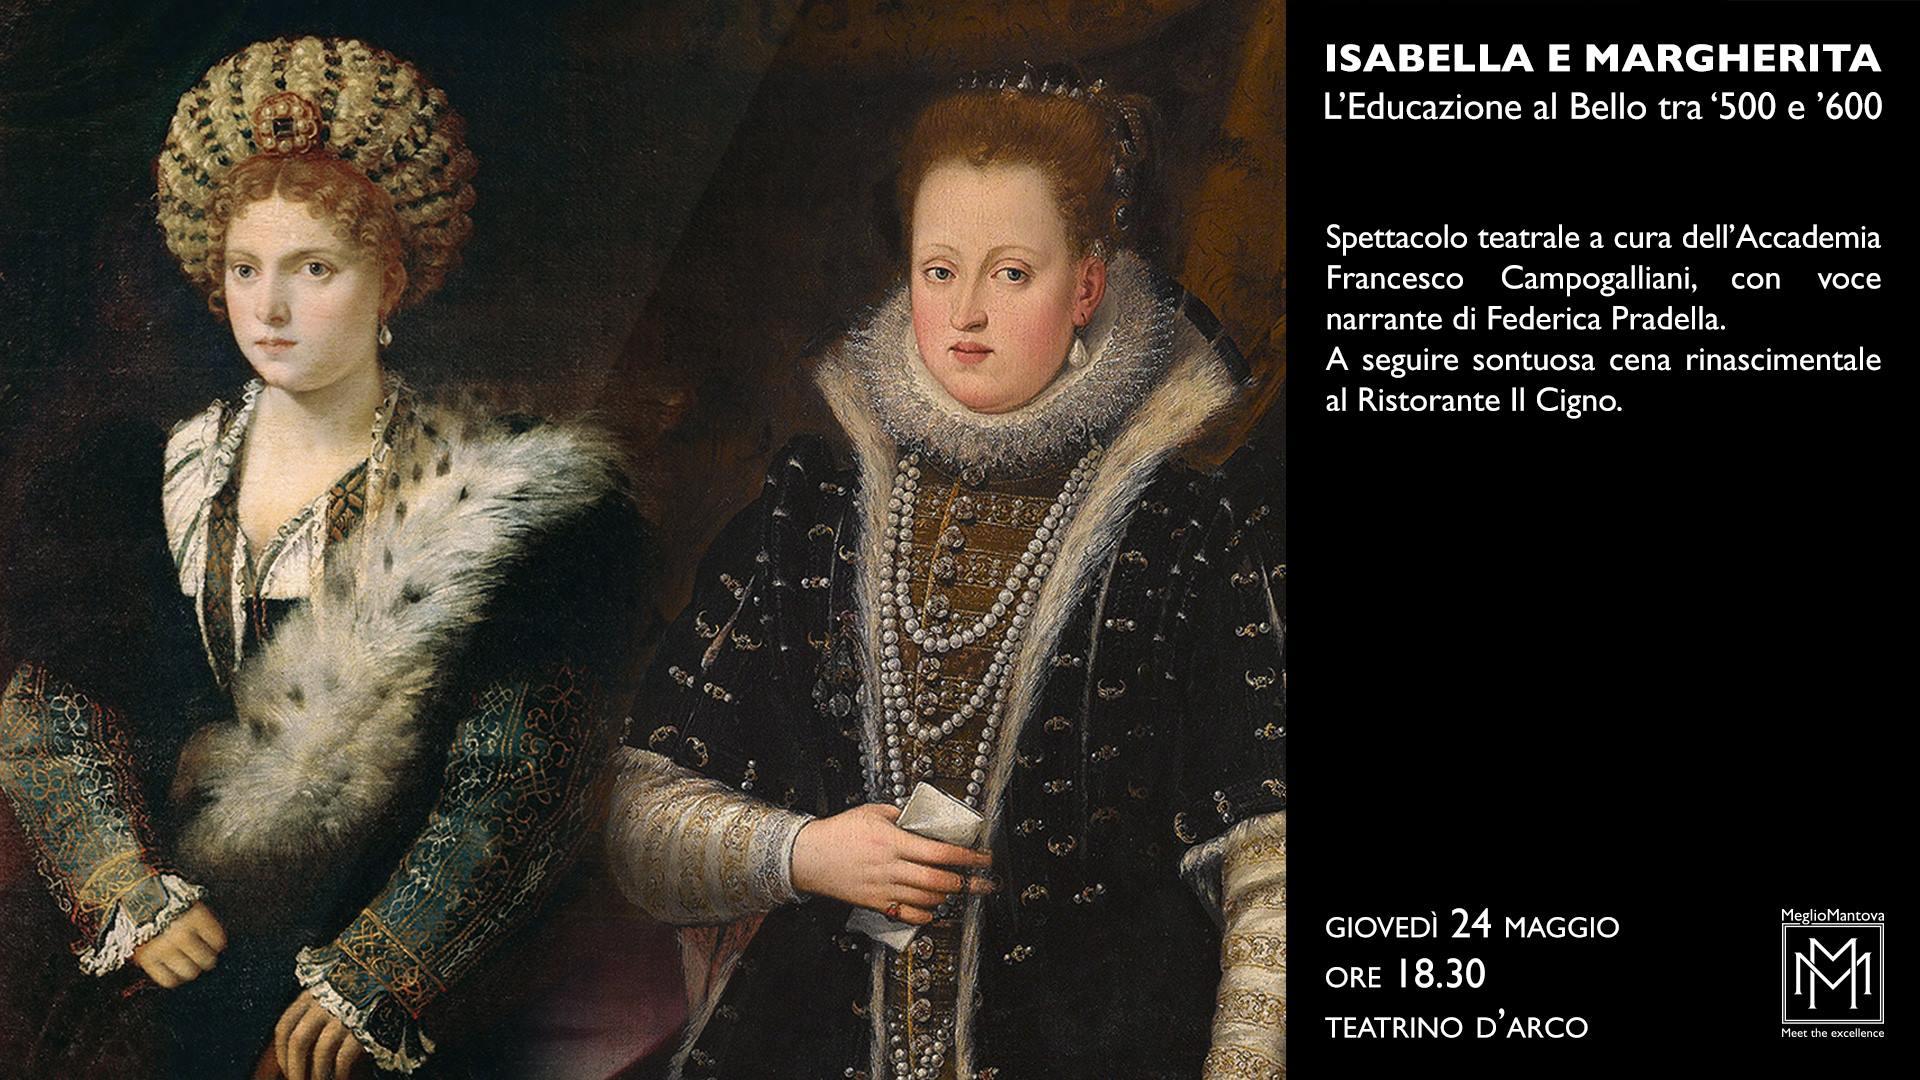 Isabella e Margherita - L'educazione al bello tra '500 e '600